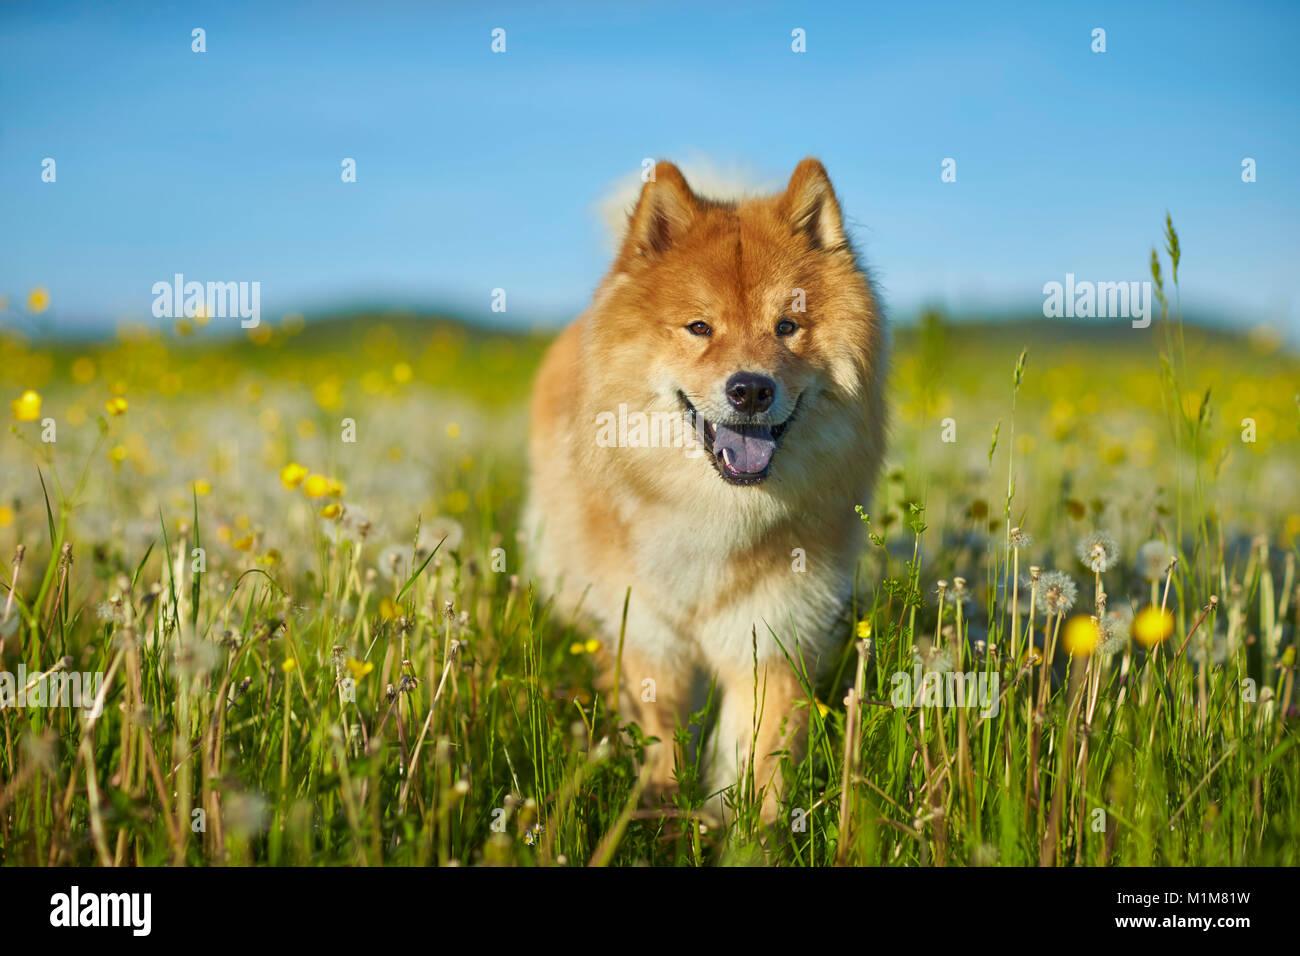 Eurasier, euroasiático. Perro adulto caminando en un prado. Alemania Imagen De Stock